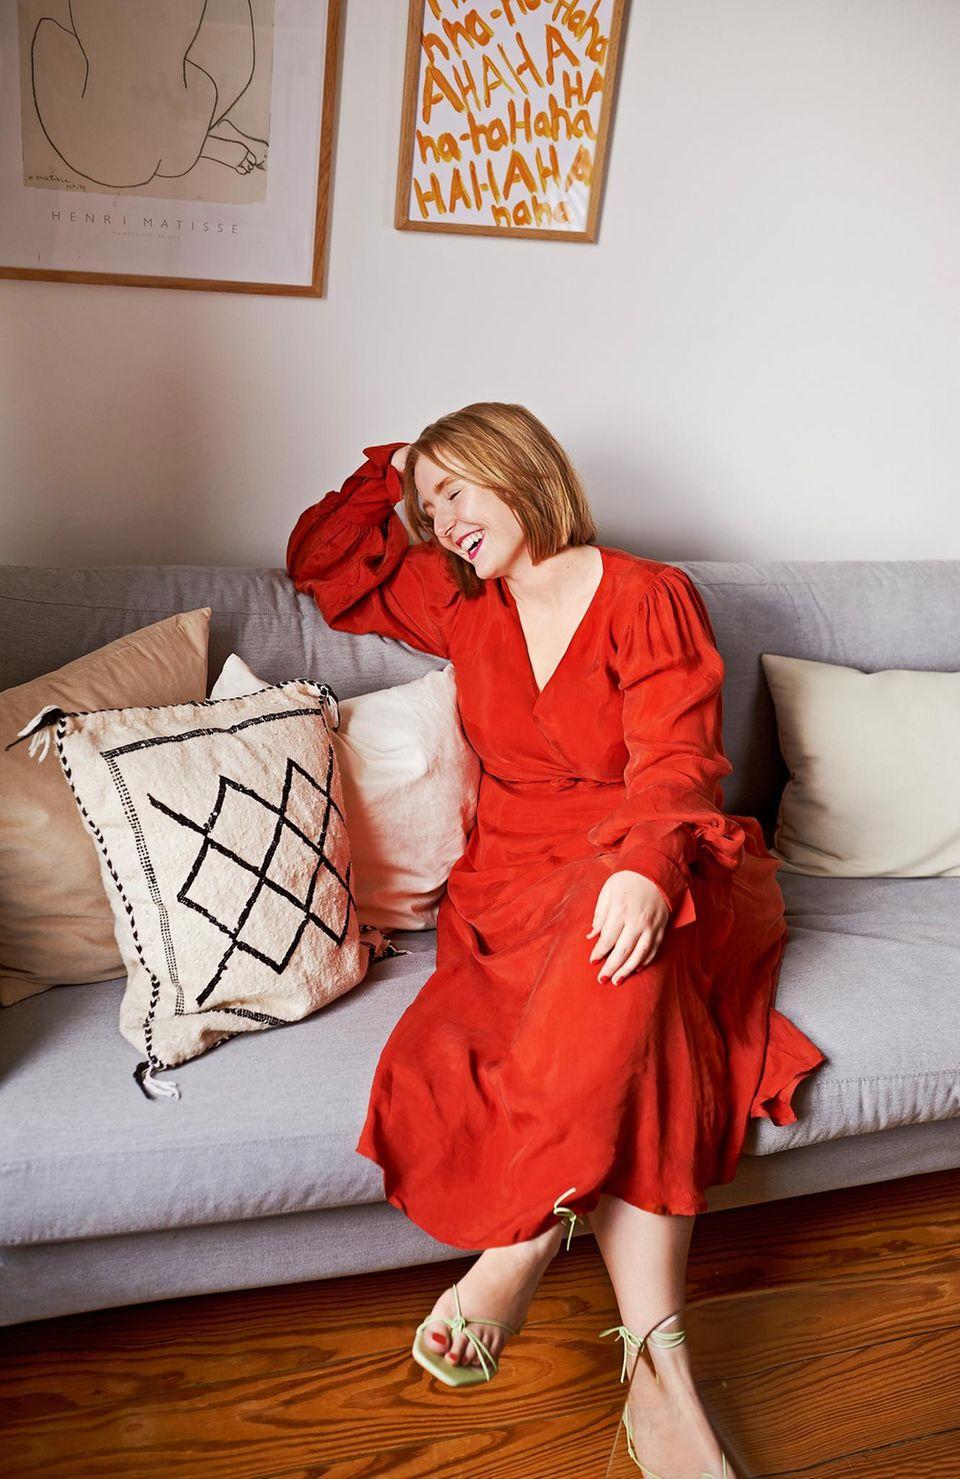 Kleidung kombinieren: Sina auf Sofa